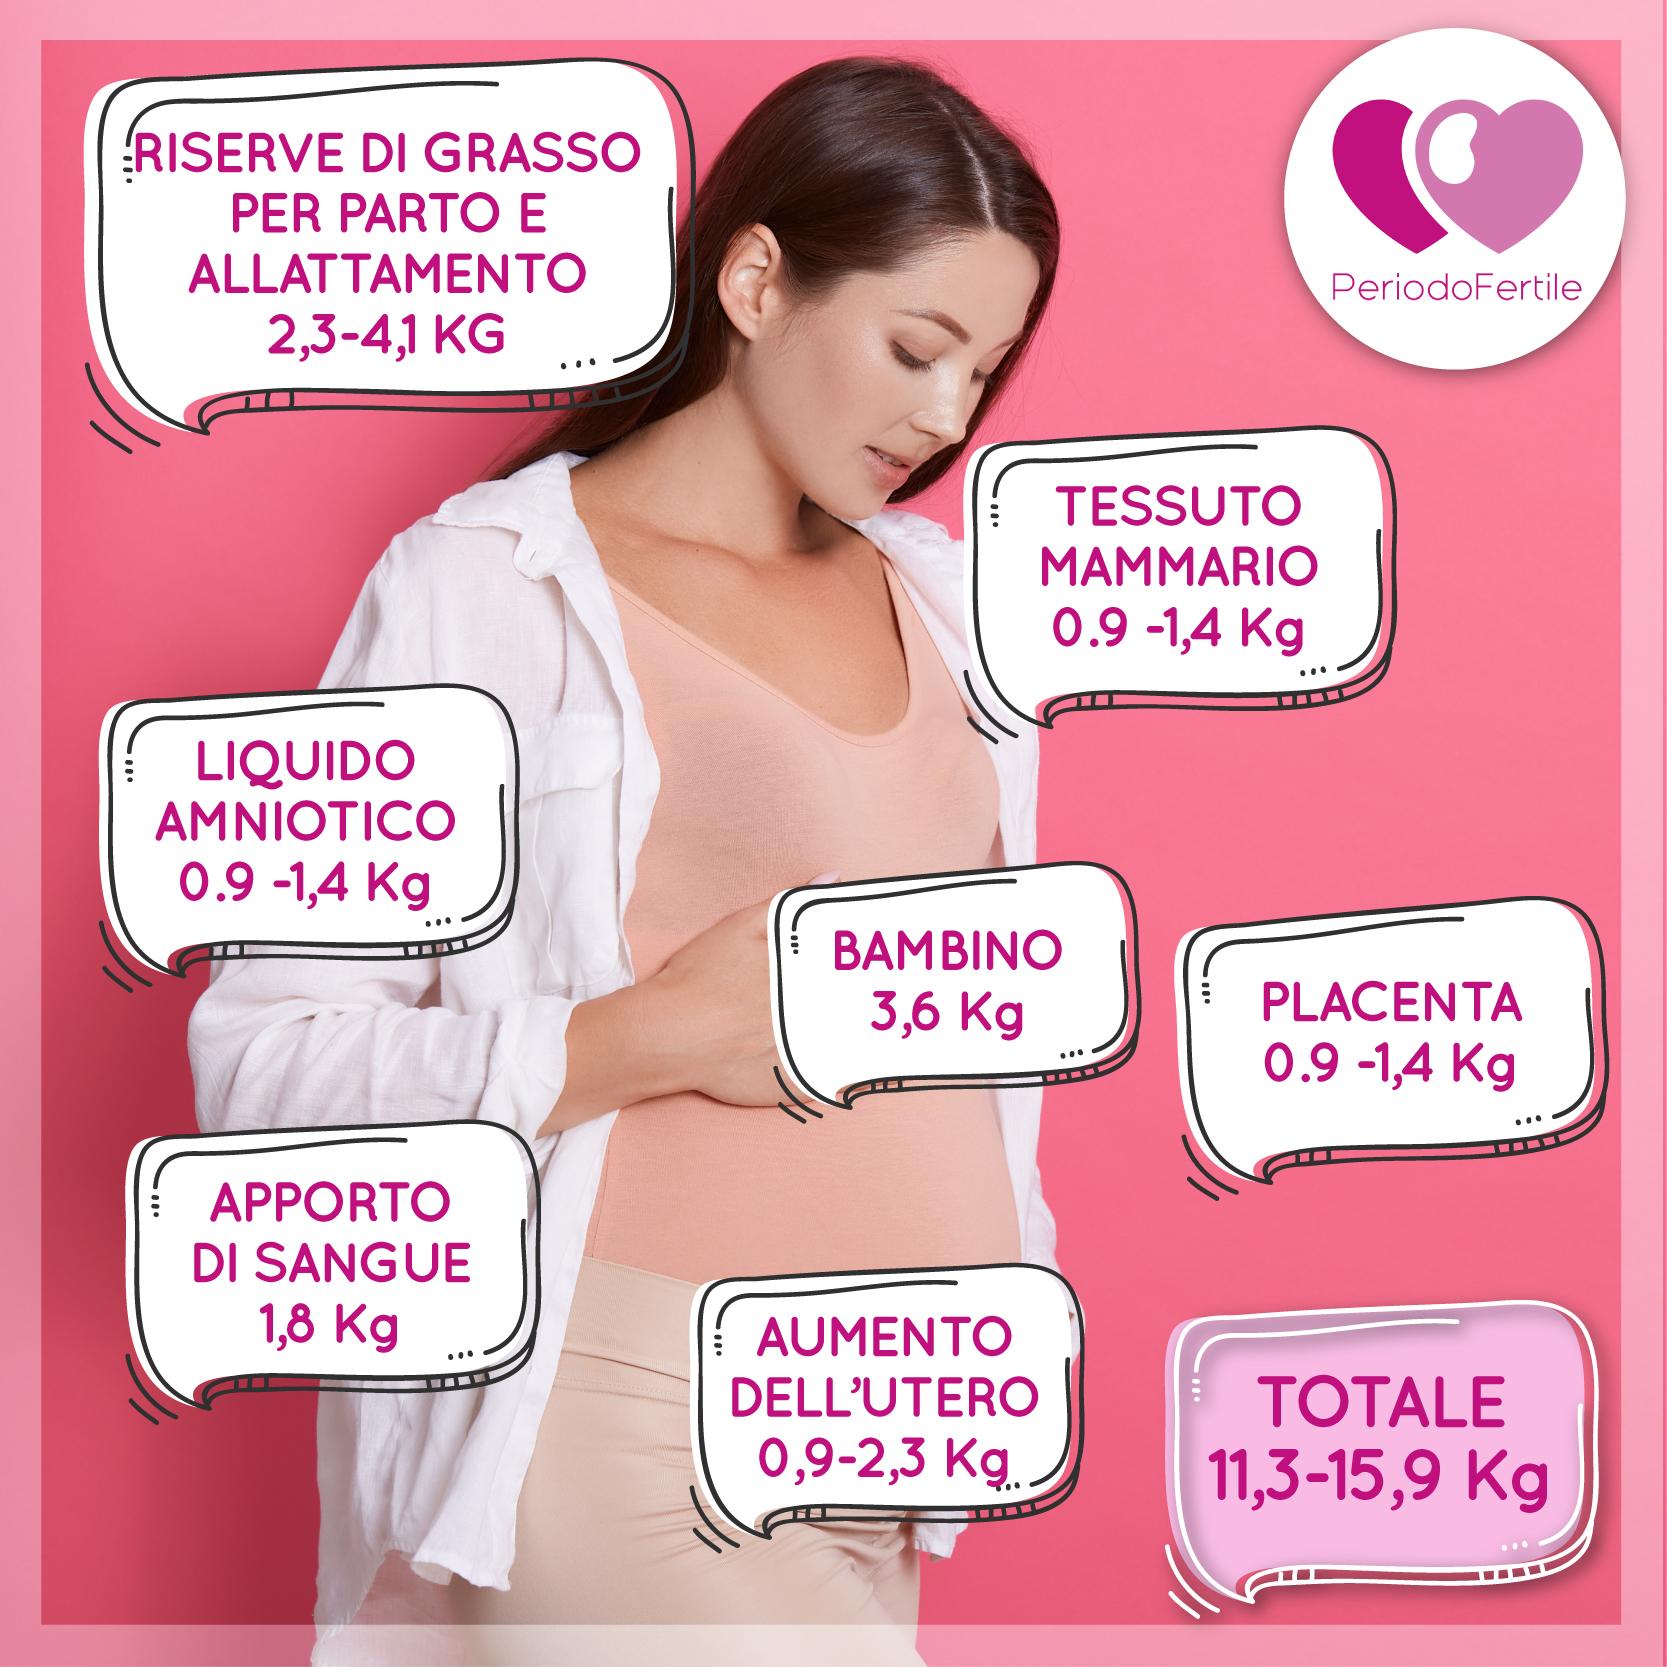 aumento di peso gravidanza